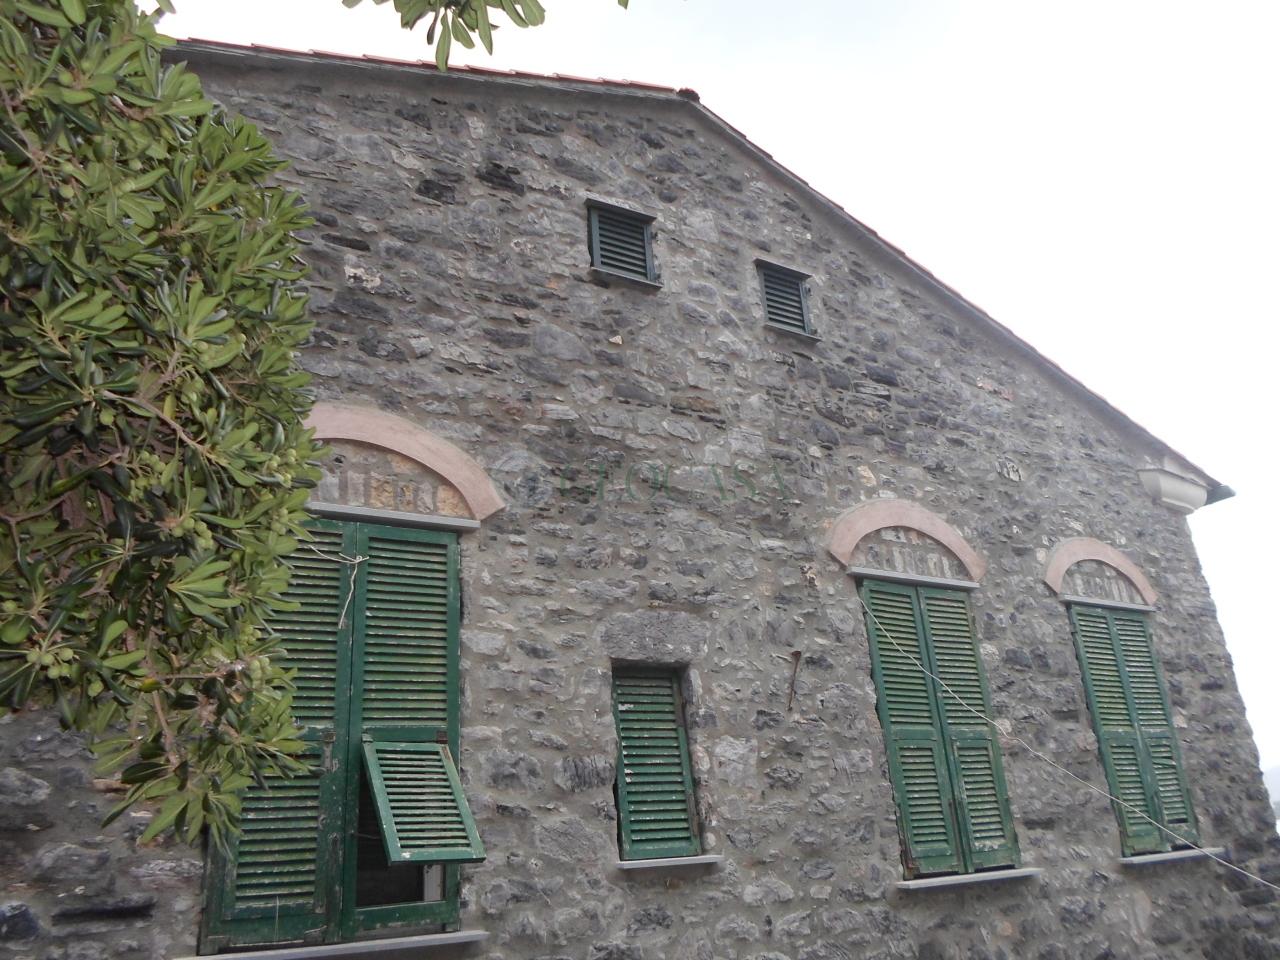 Appartamento in vendita a Portovenere, 5 locali, prezzo € 1.400.000 | Cambio Casa.it